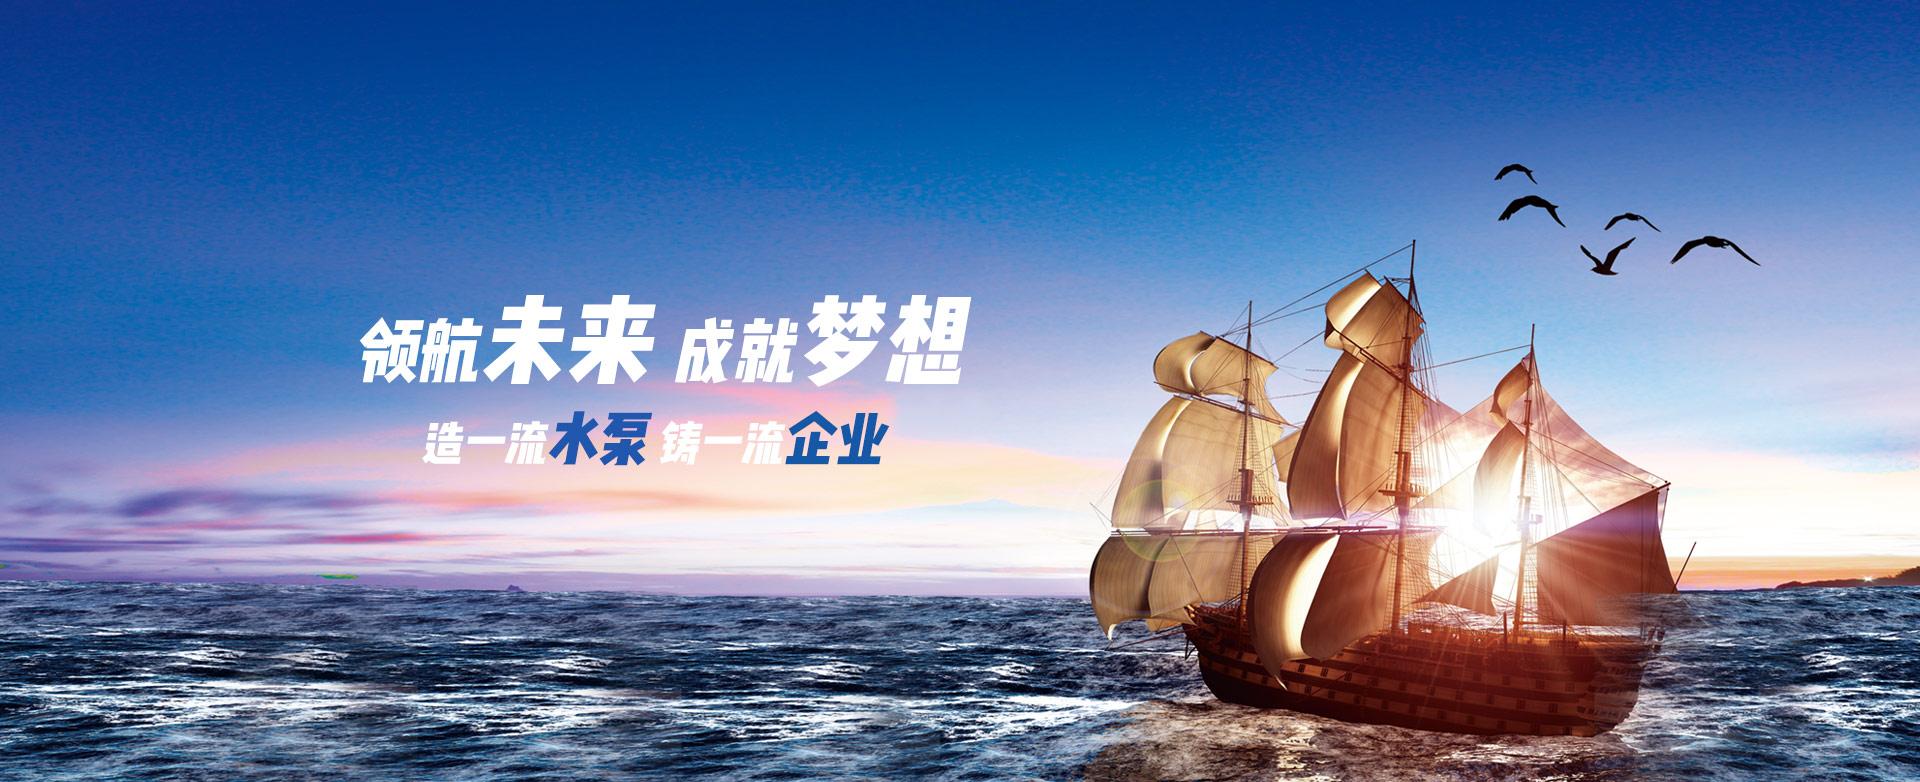 云南不锈钢水泵厂家文化